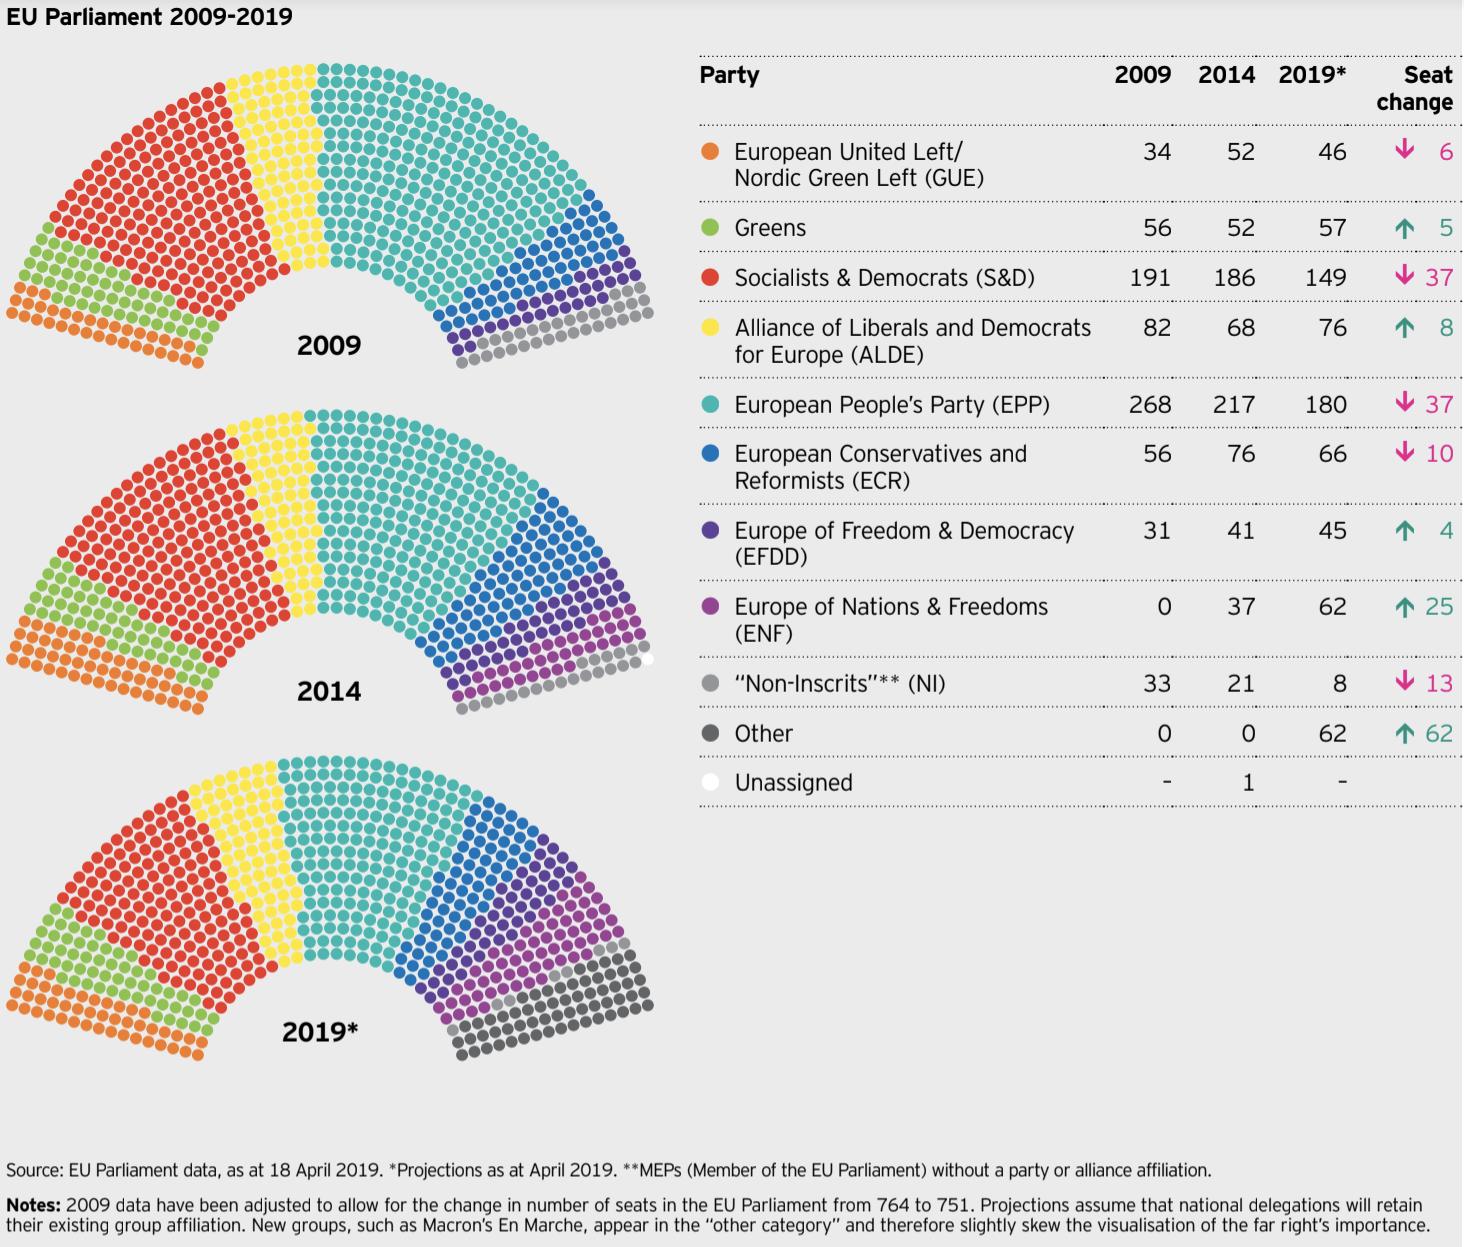 Elezioni europee, come si prevede che cambi la composizione dei seggi nell'europarlamento dopo il voto della settimana prossima